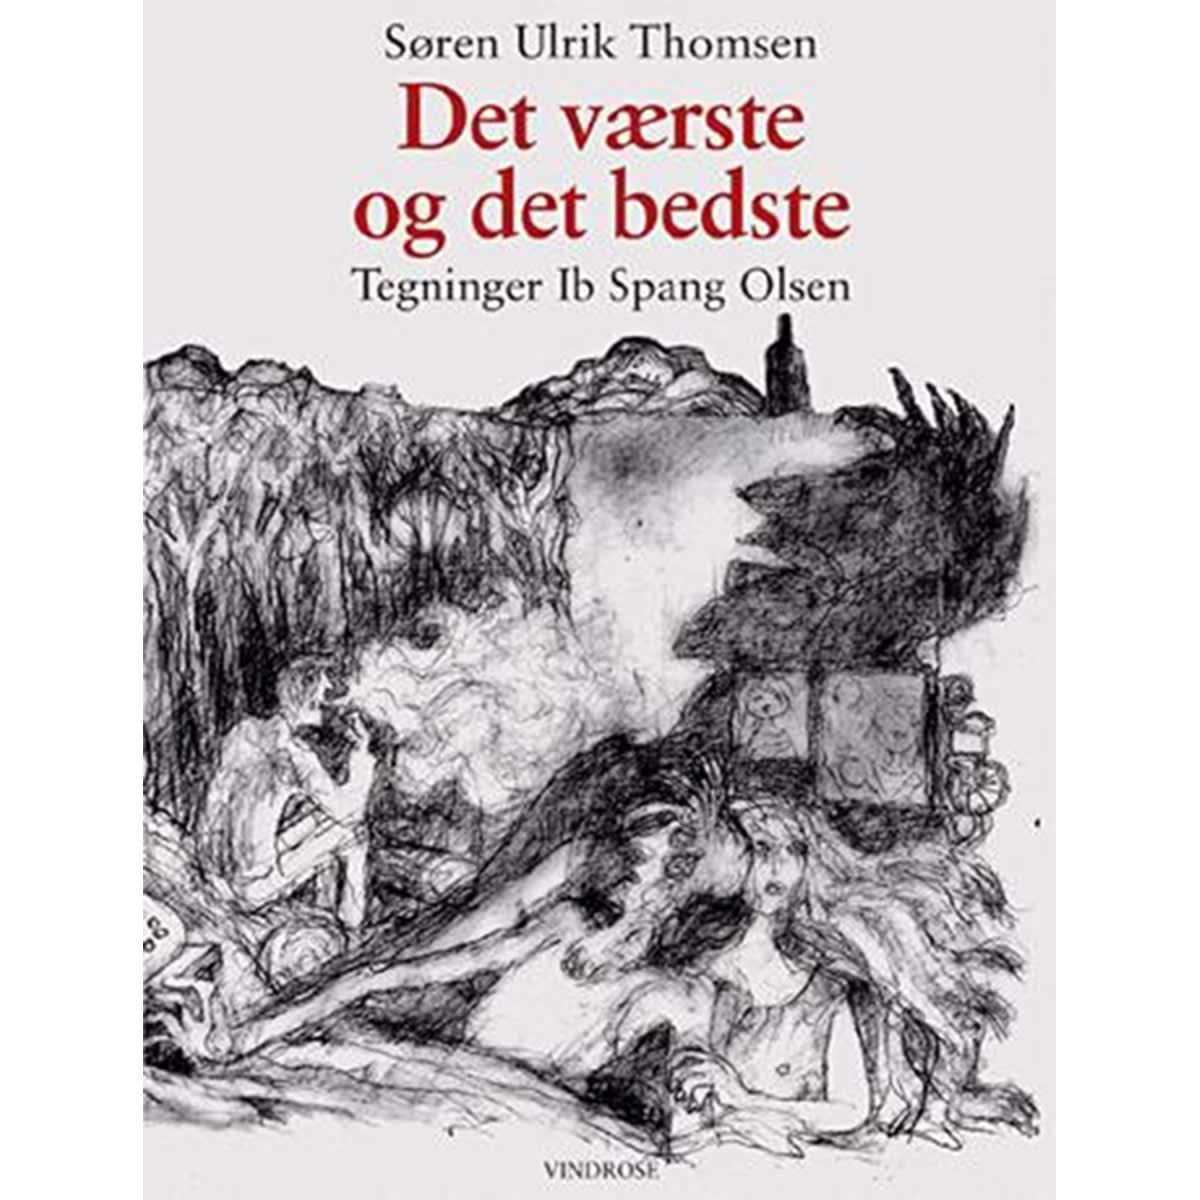 Af Søren Ulrik Thomsen